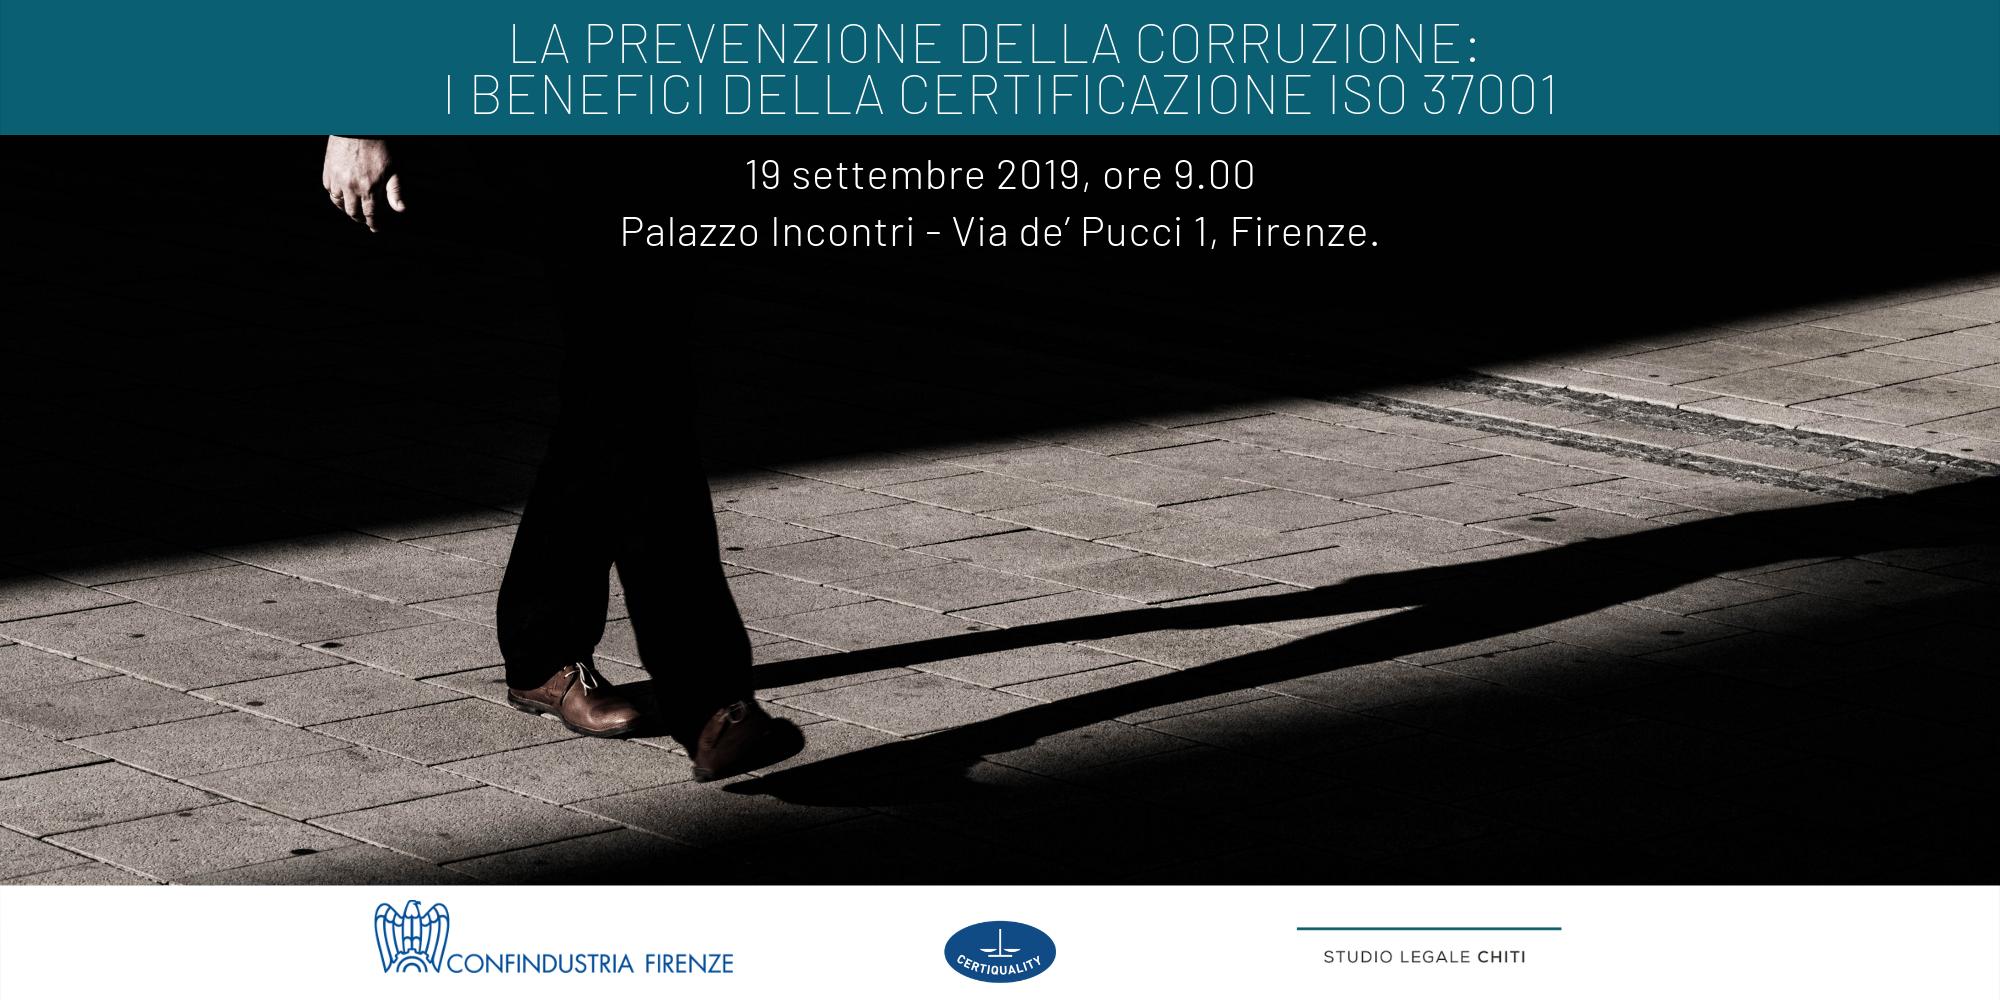 La prevenzione della corruzione: i benefici della certificazione ISO 37001